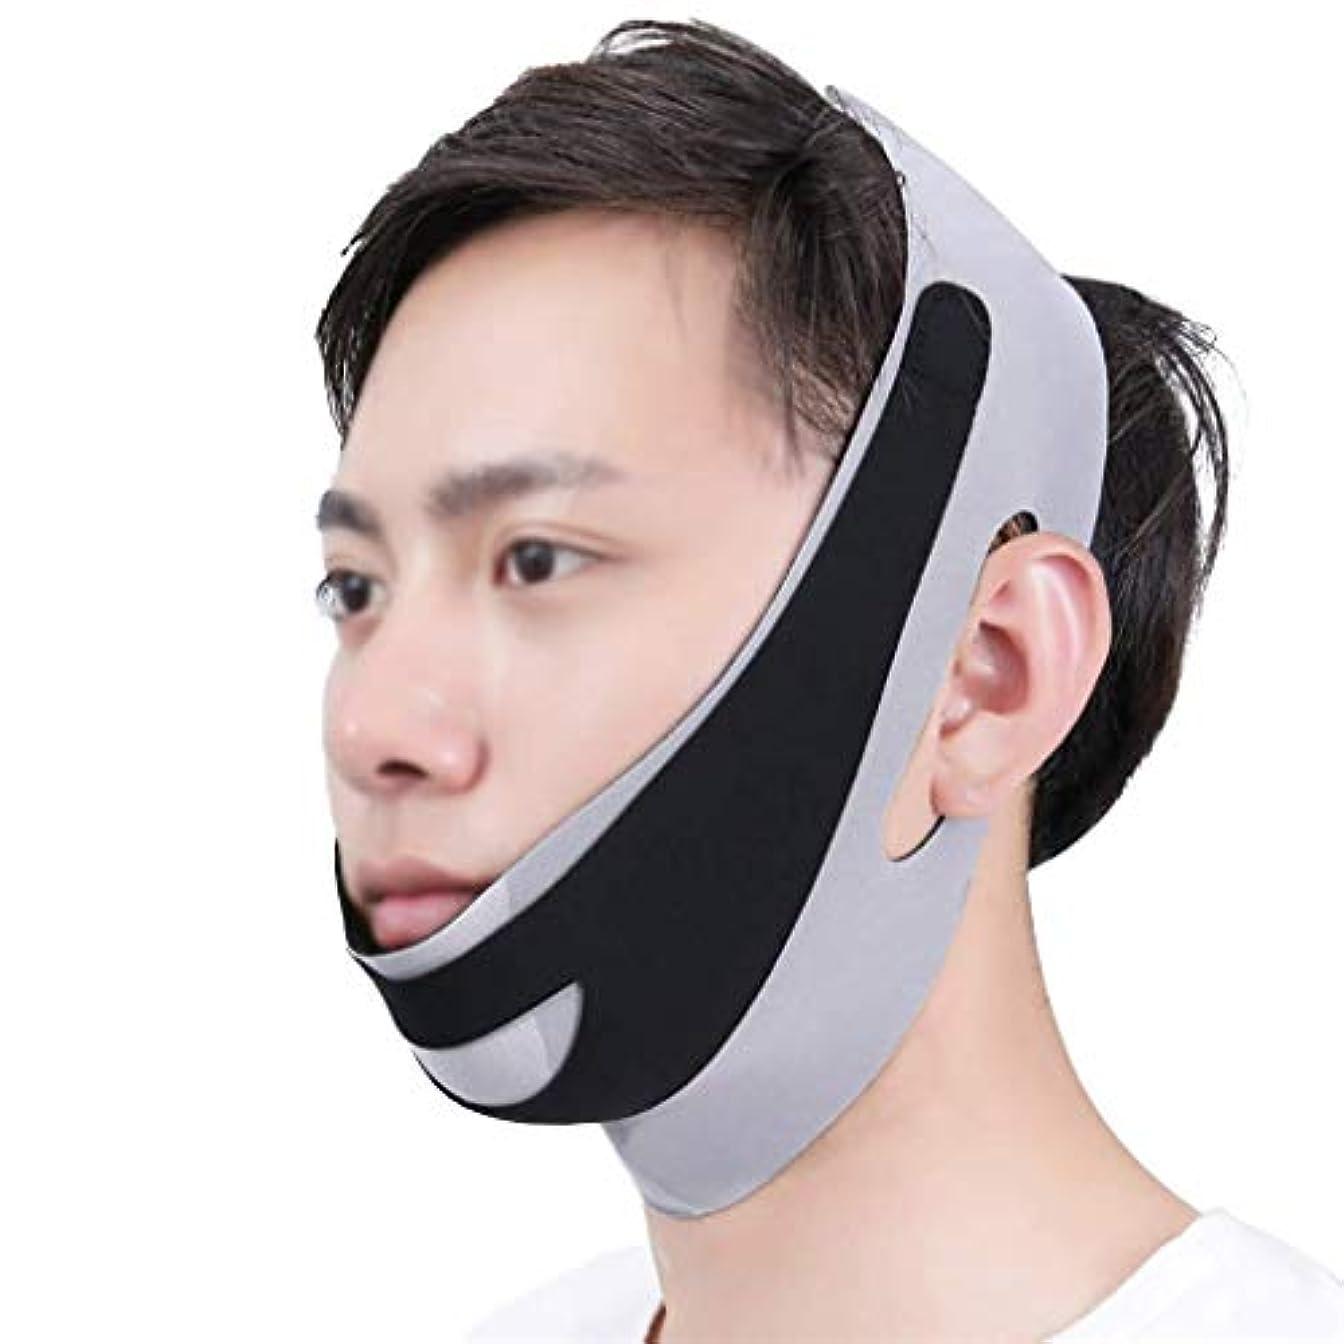 暴力的なポータルダウンフェイスアンドネックリフト術後弾性フェイスマスク小さなV顔アーティファクト薄い顔包帯アーティファクトV顔ぶら下げ耳リフティング引き締め男性の顔アーティファクト